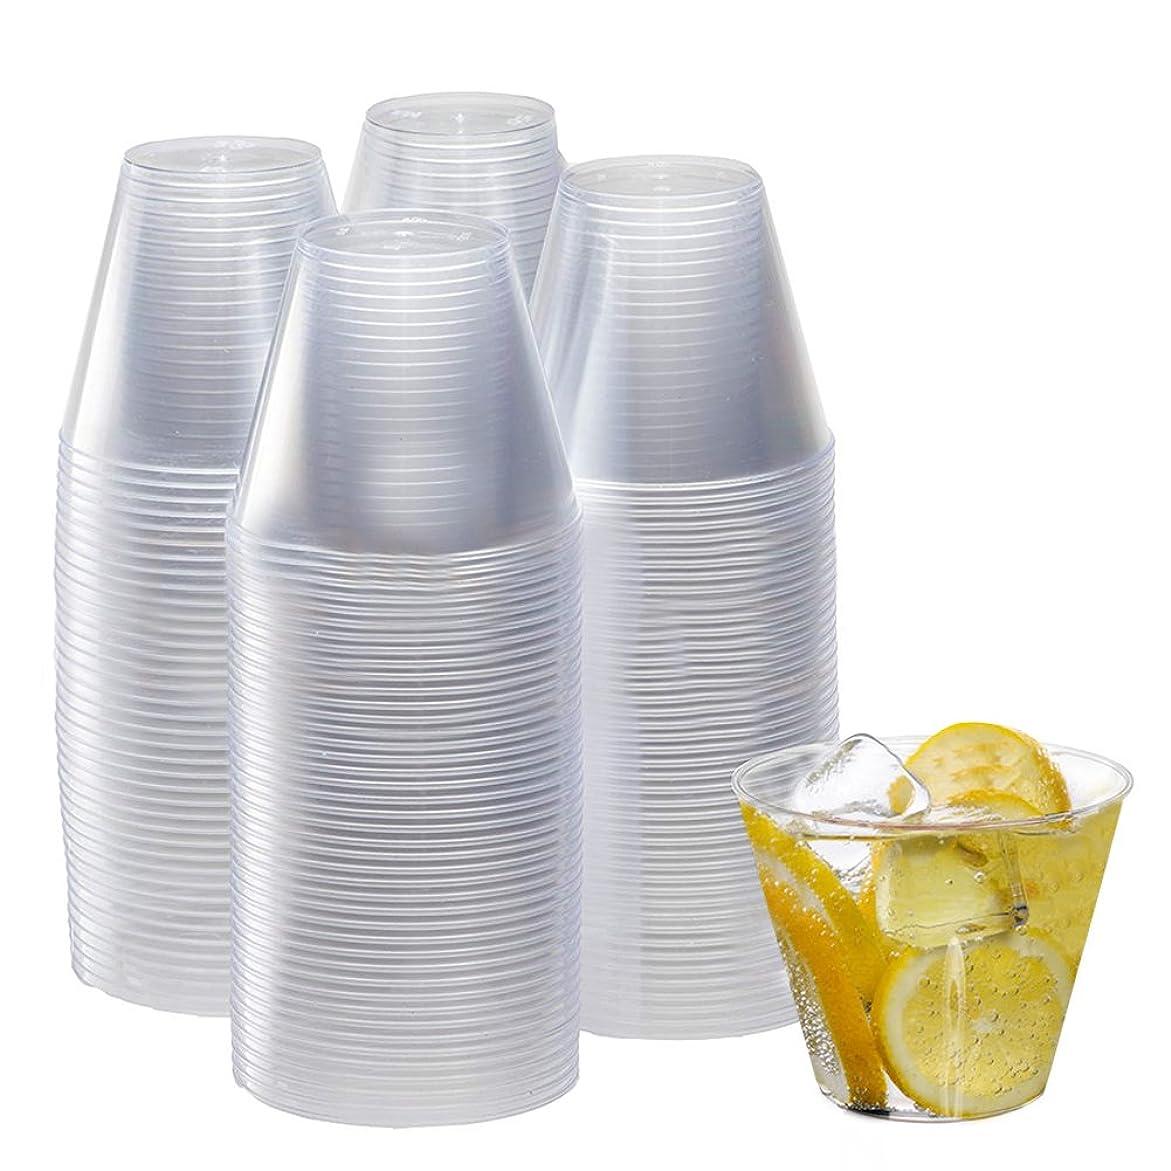 受付雇う受粉するLEKING 200Ml 硬質 プラスチックカップ 透明 フードカップ デザートカップ サラダカップ キャンプ用 パーティー 試飲用